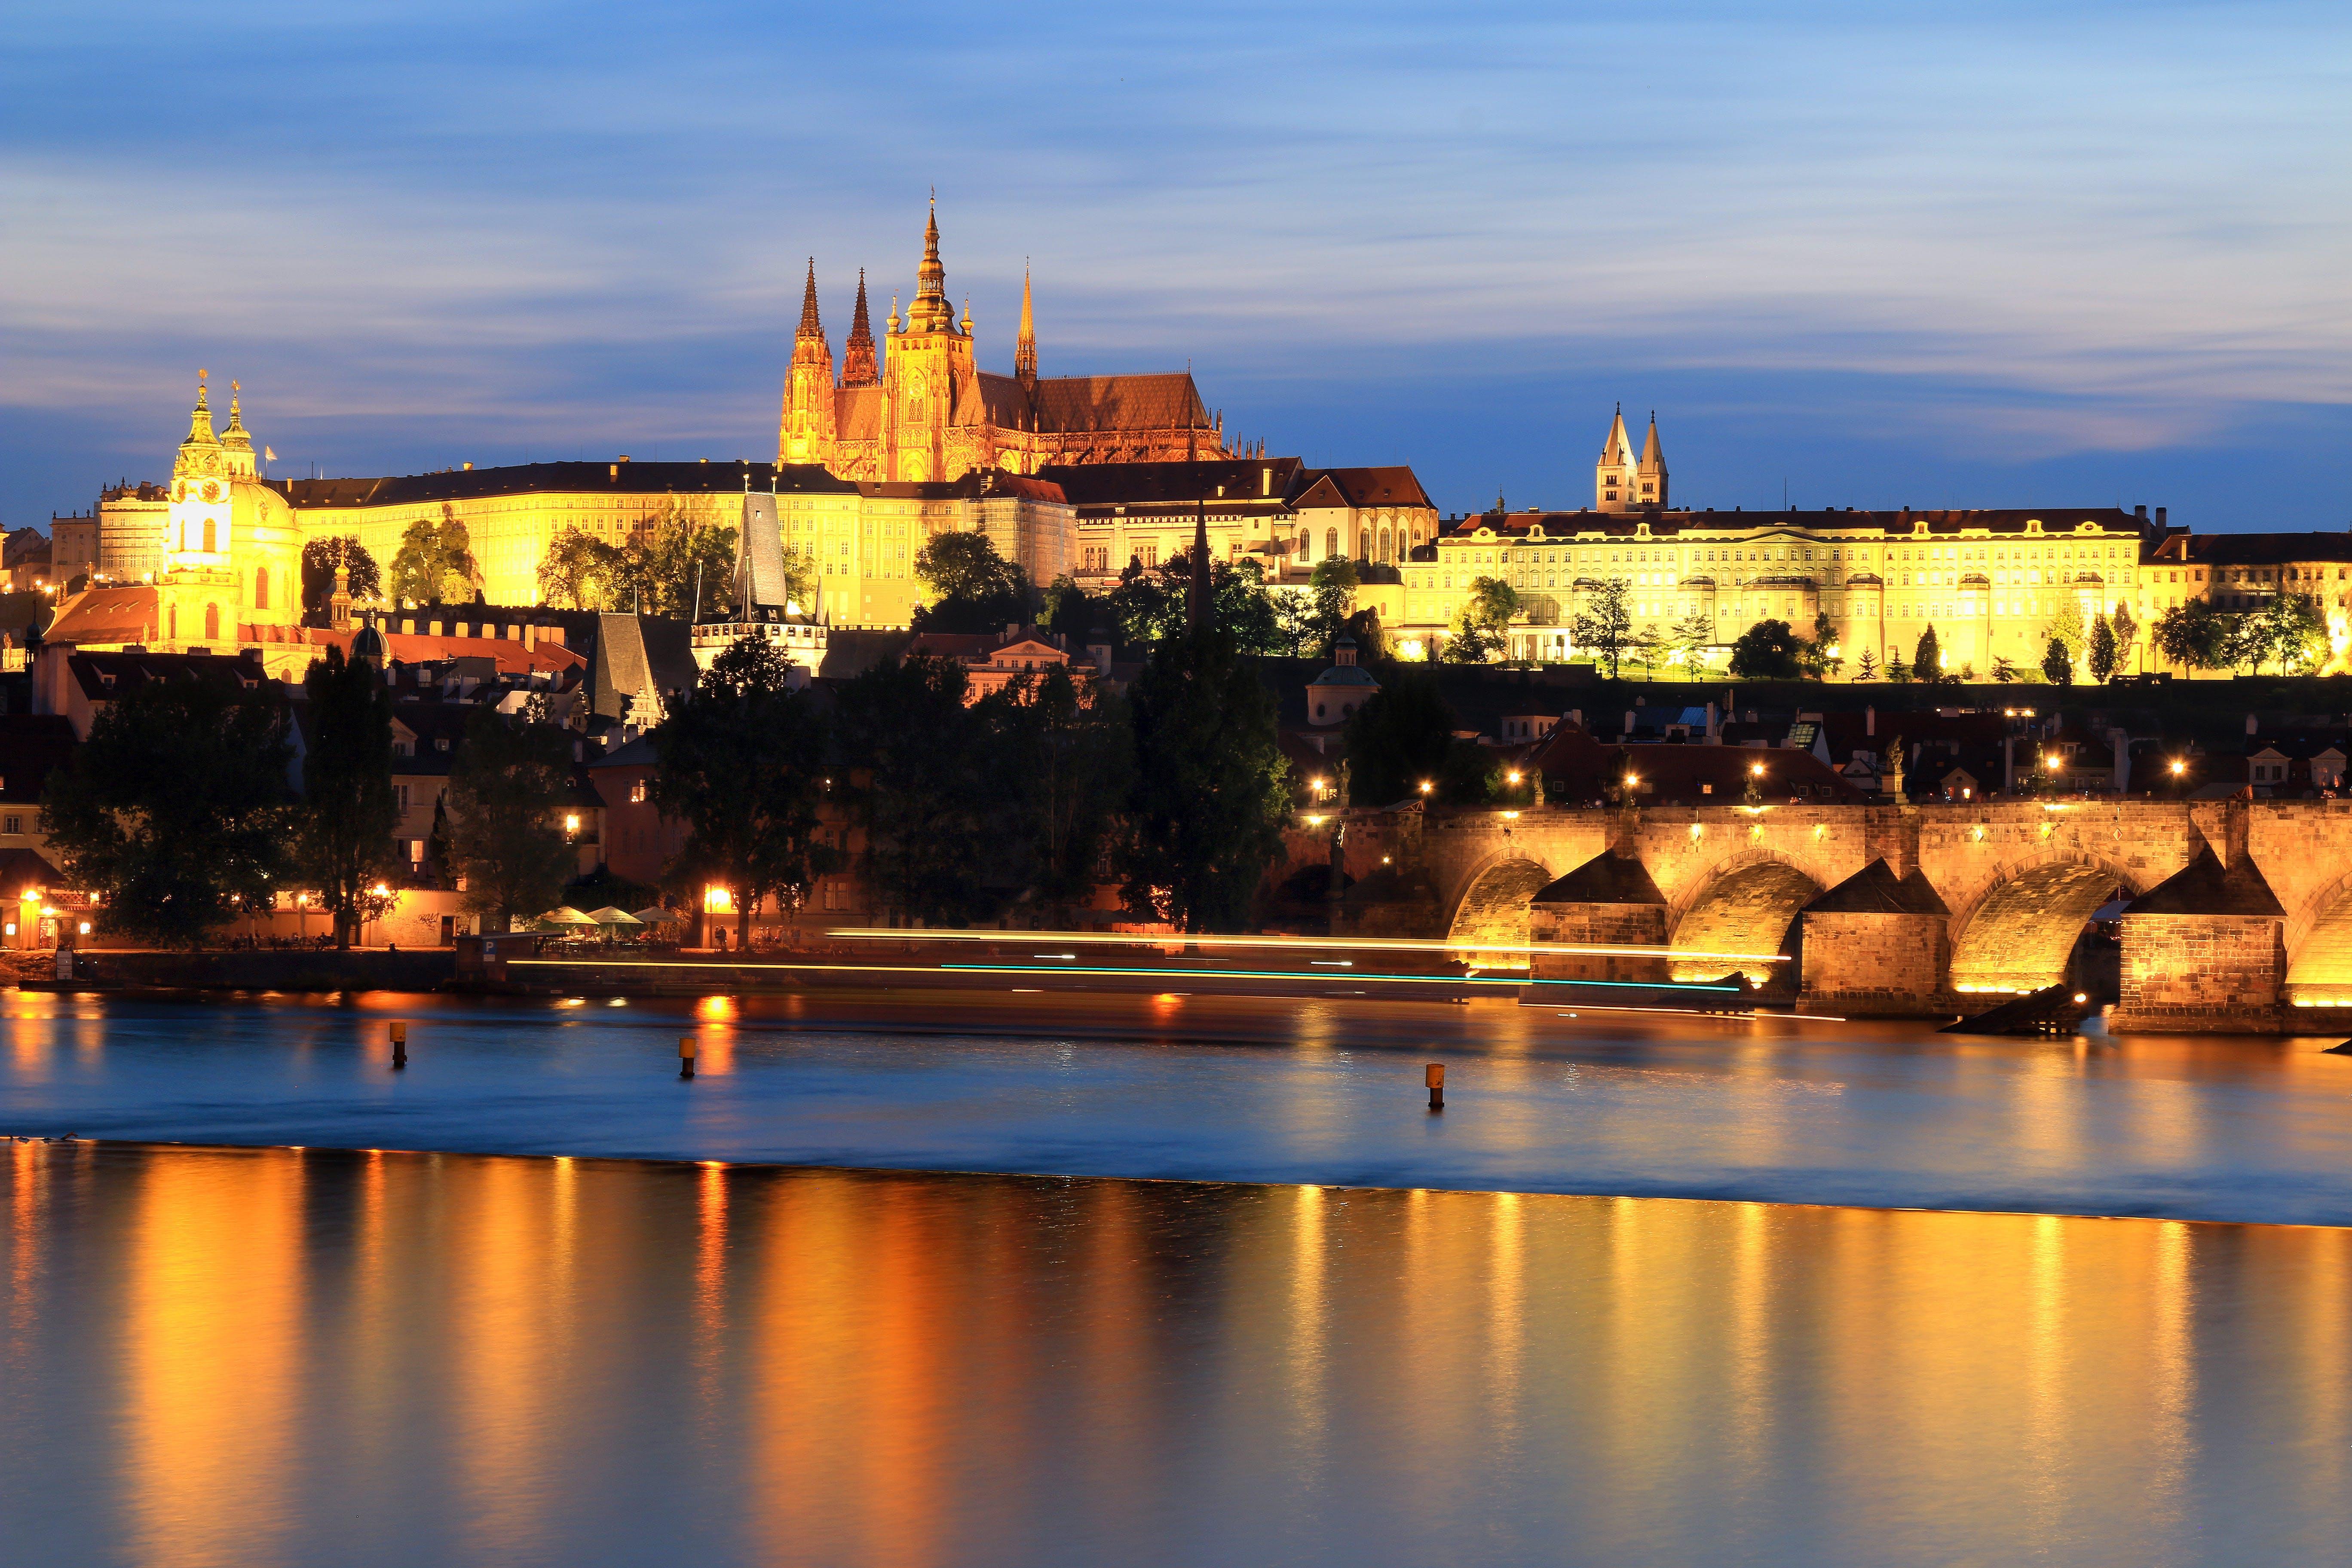 castle, historical, lights